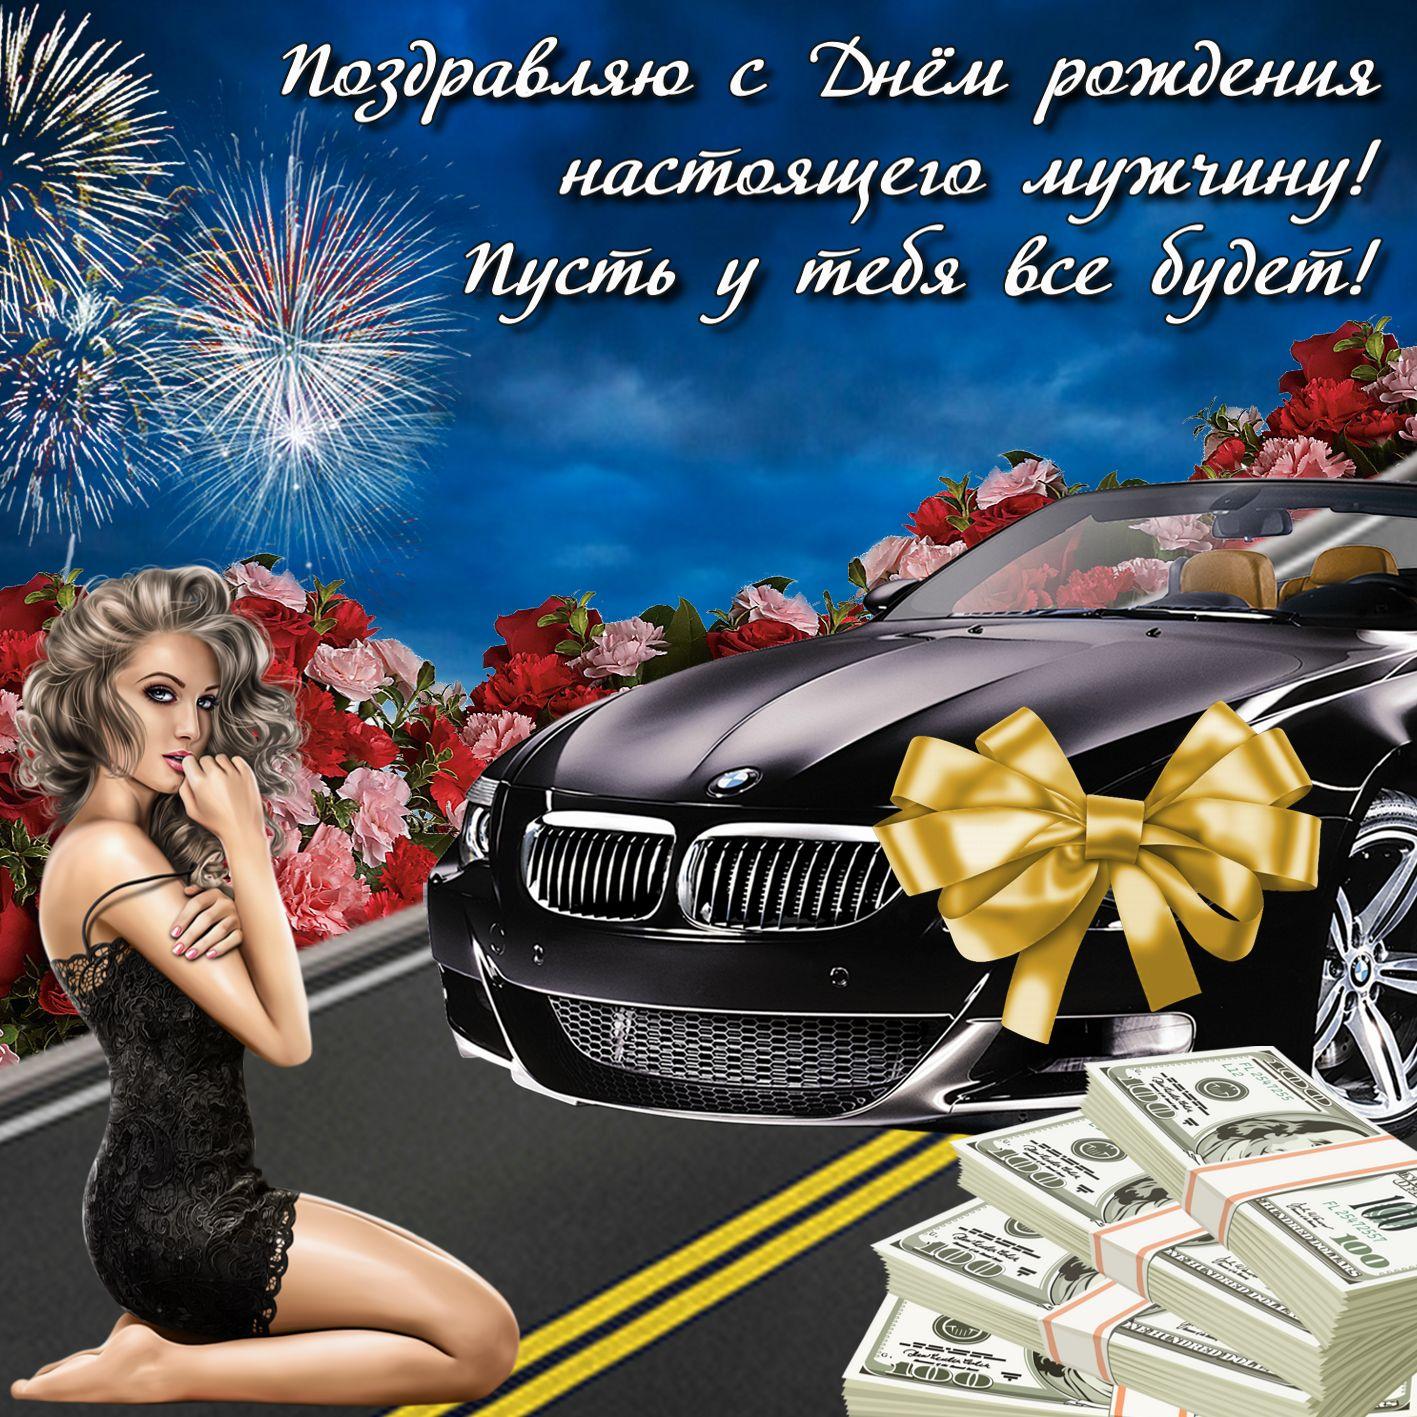 Красивые открытки с днем рождения для мужчин и женщин